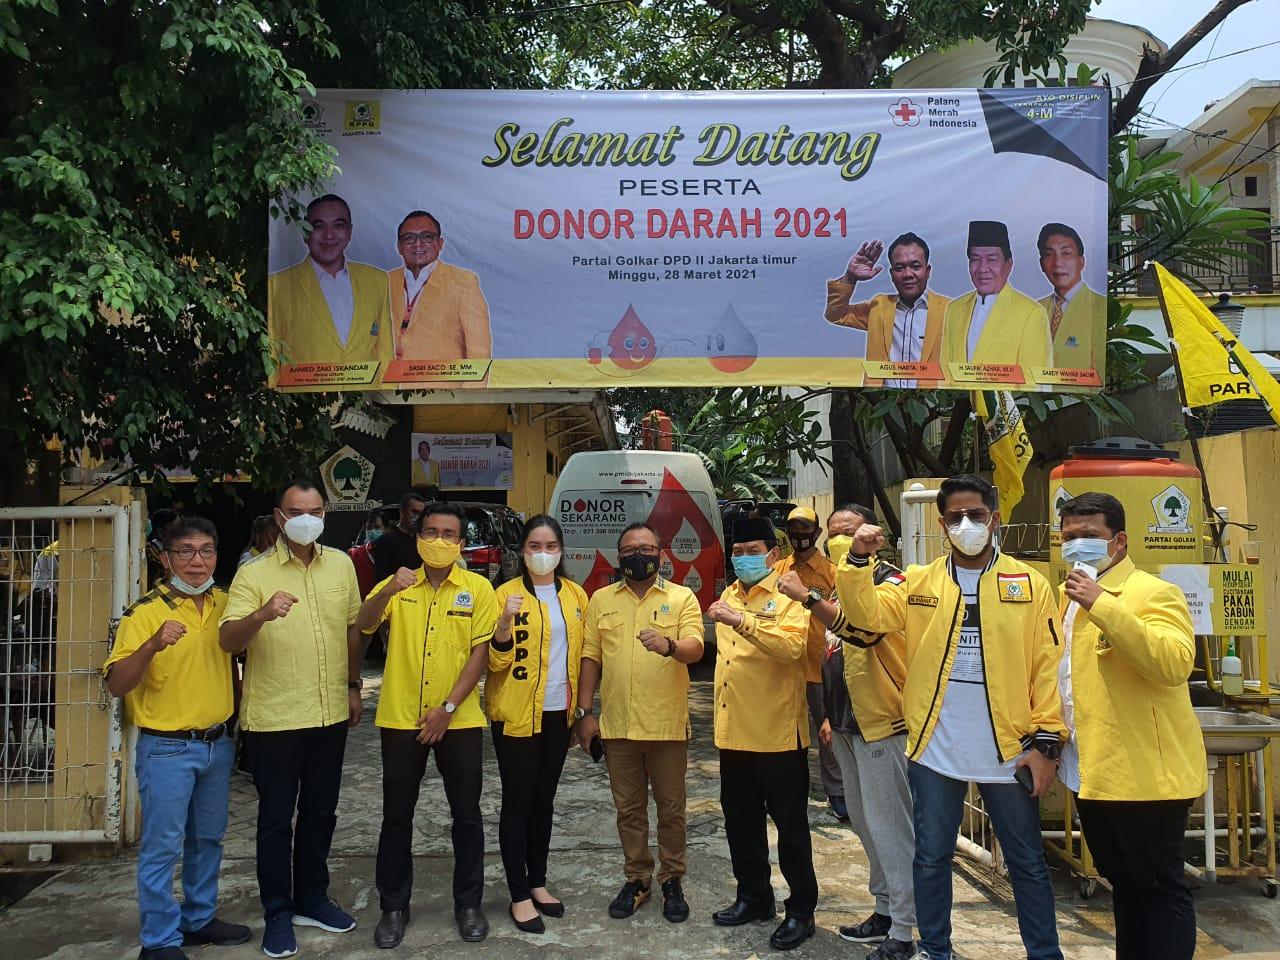 KPPG Jakarta Timur Gelar Donor Darah Bertajuk Golkar Peduli, Ahmed Zaki Iskandar: Perbuatan Mulia